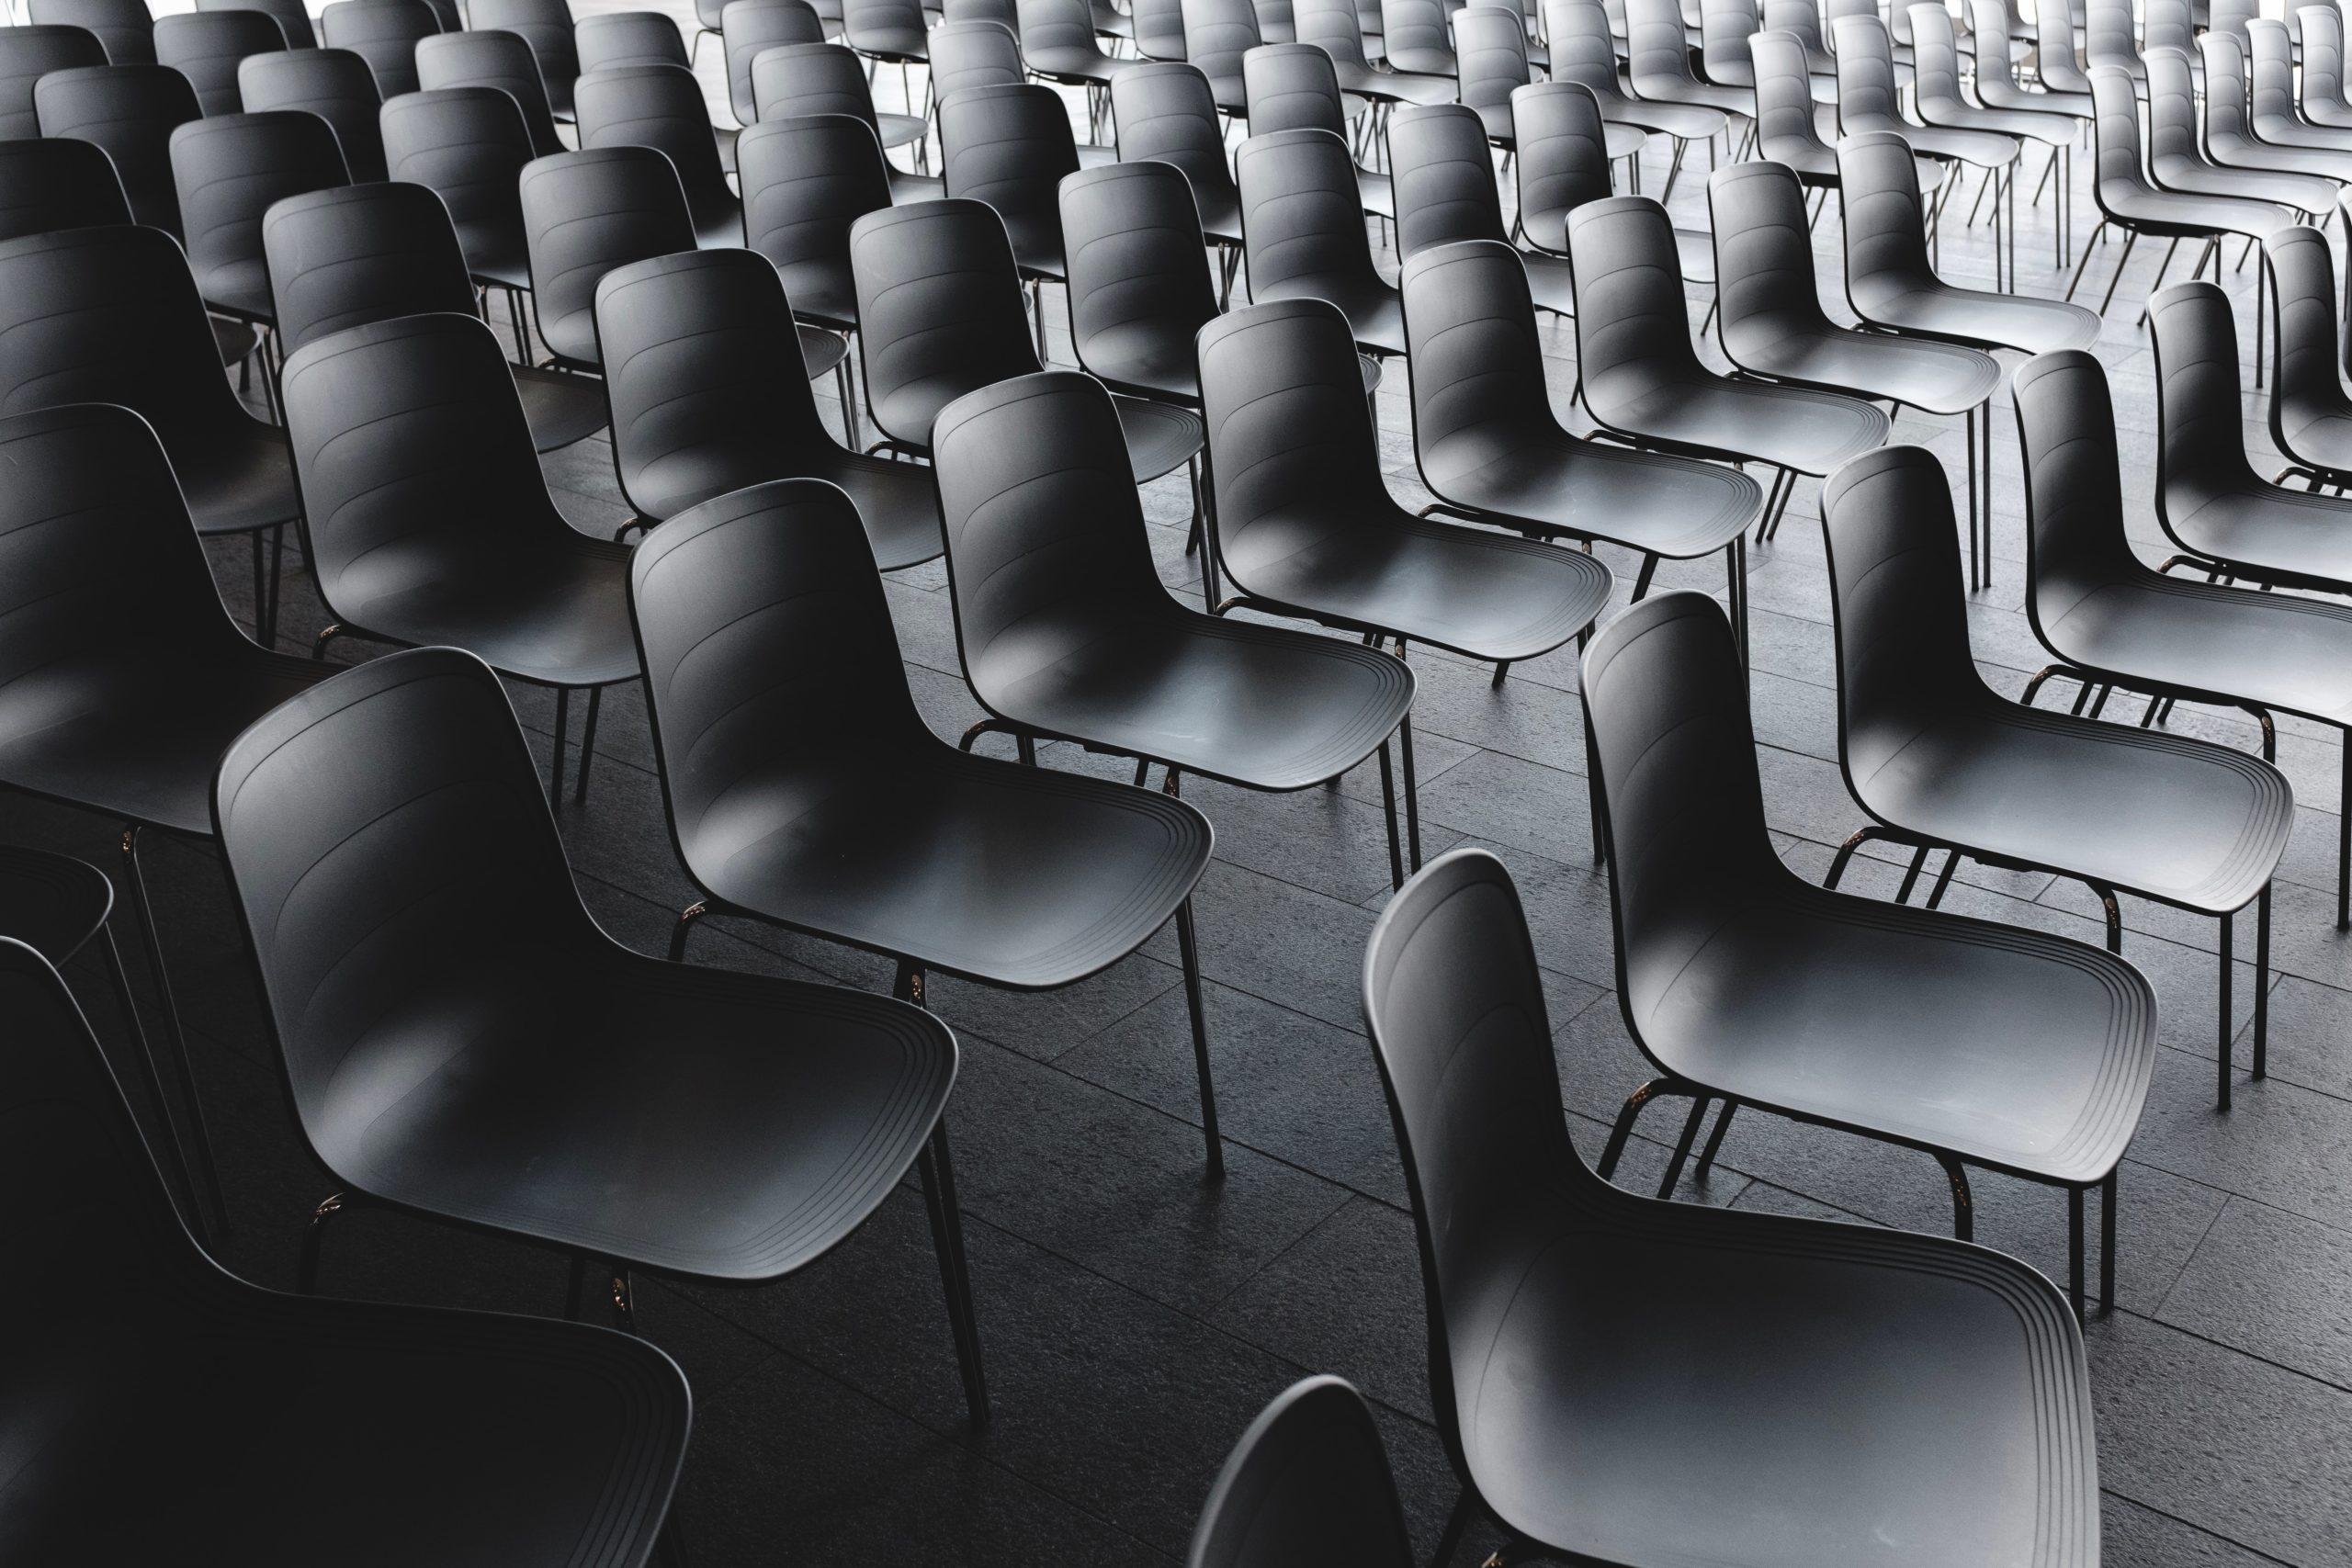 La chiesa invisibile